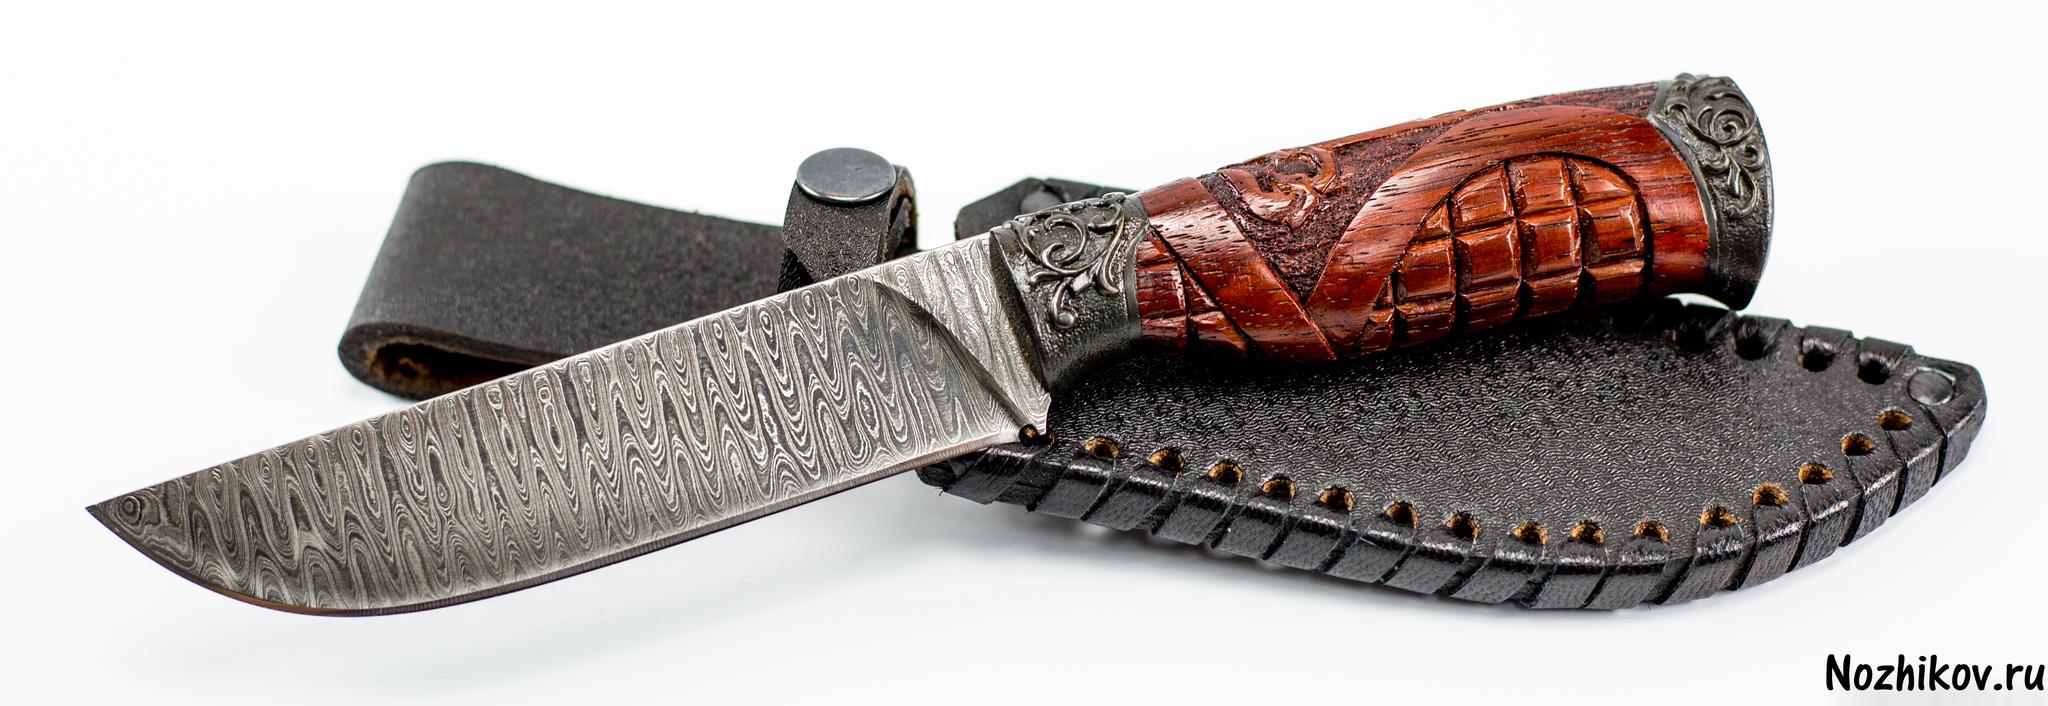 Фото 5 - Авторский Нож из Дамаска №9, Кизляр от Noname